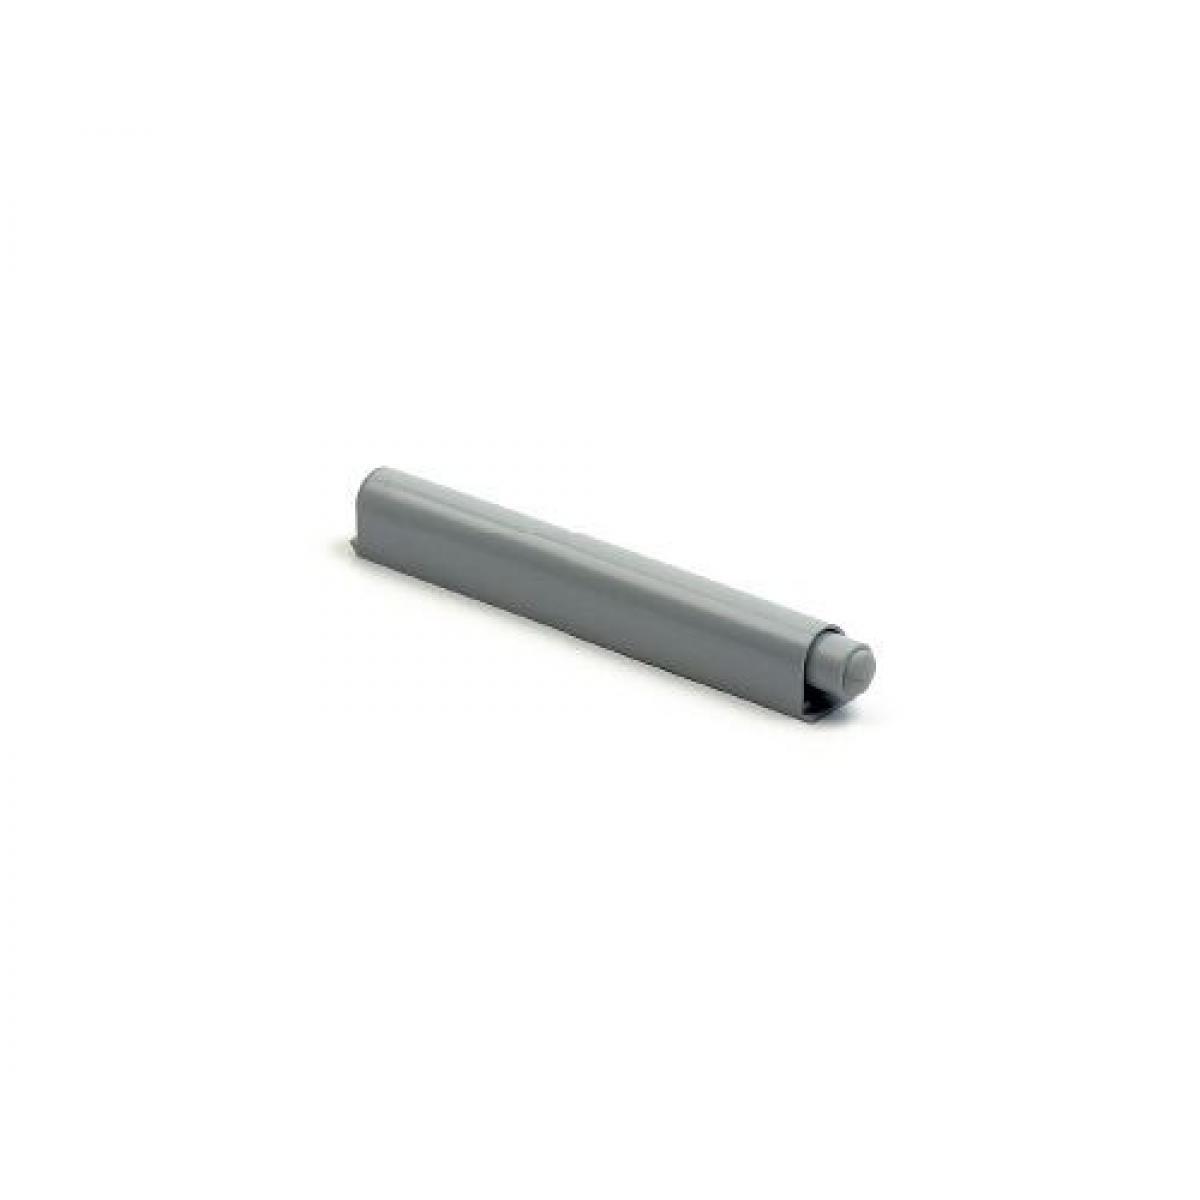 Механизм Impuls накладной 40мм цвет серый